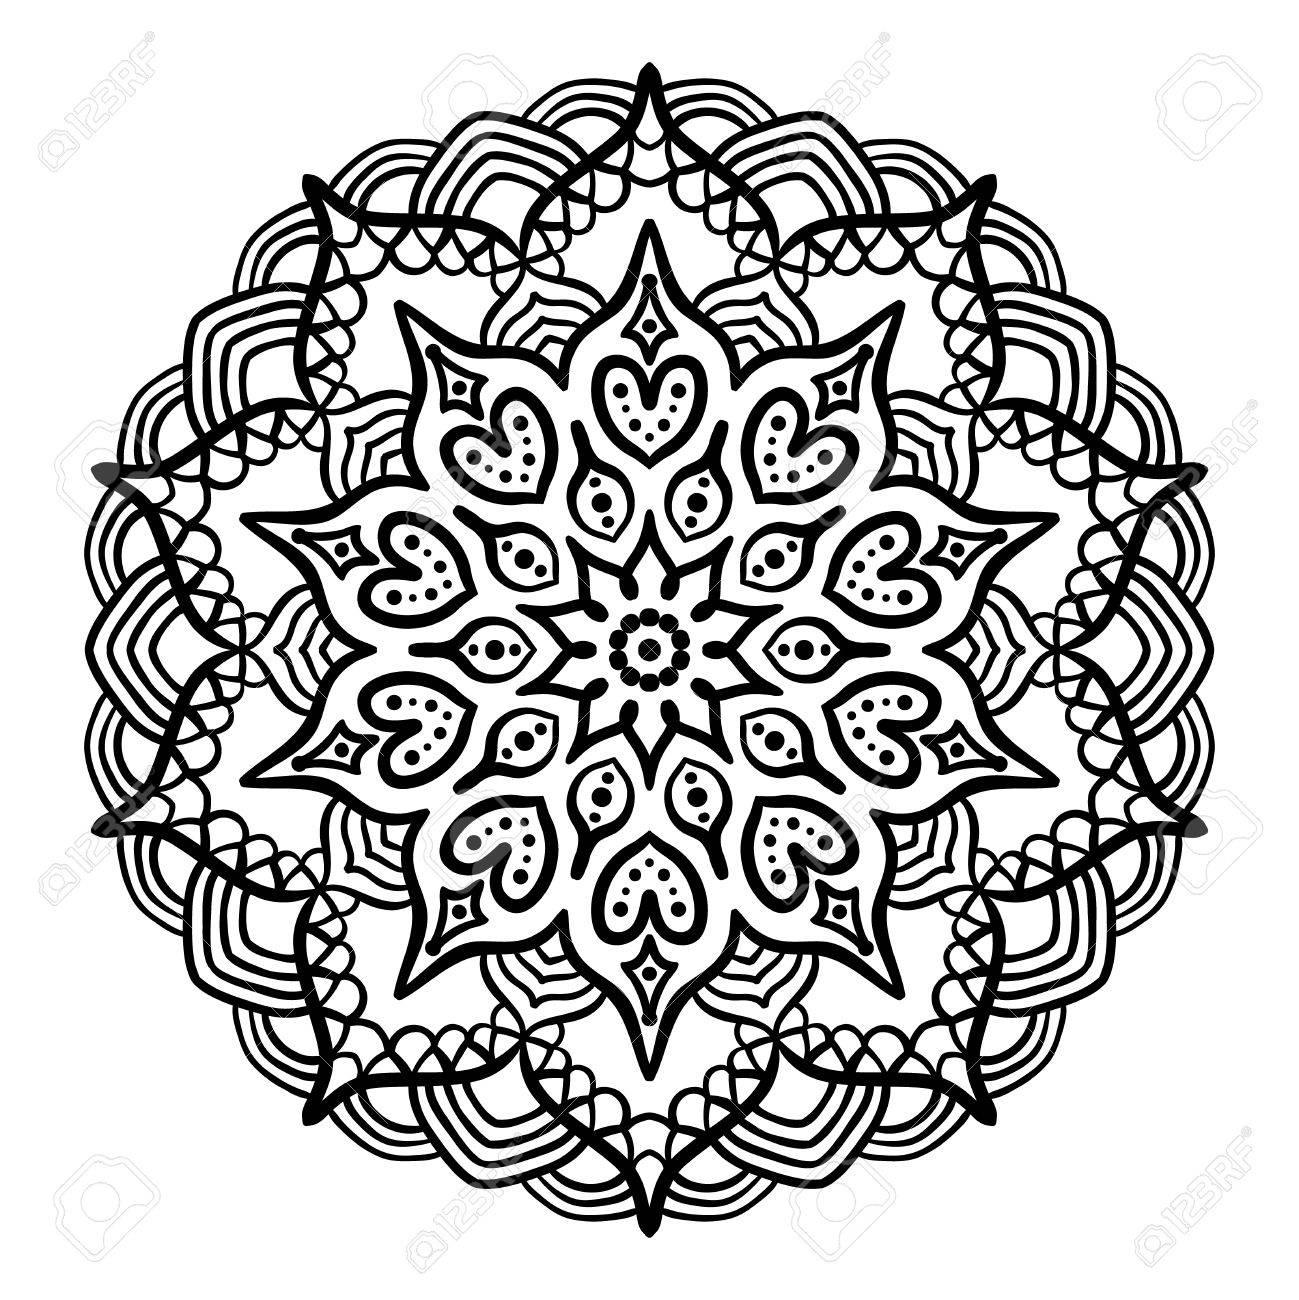 Mandala Noir A Colorier Mandala De Ligne Isole Sur Fond Blanc Mandala De Contour Pour La Page A Colorier Conception De Mandala Complexe Clip Art Libres De Droits Vecteurs Et Illustration